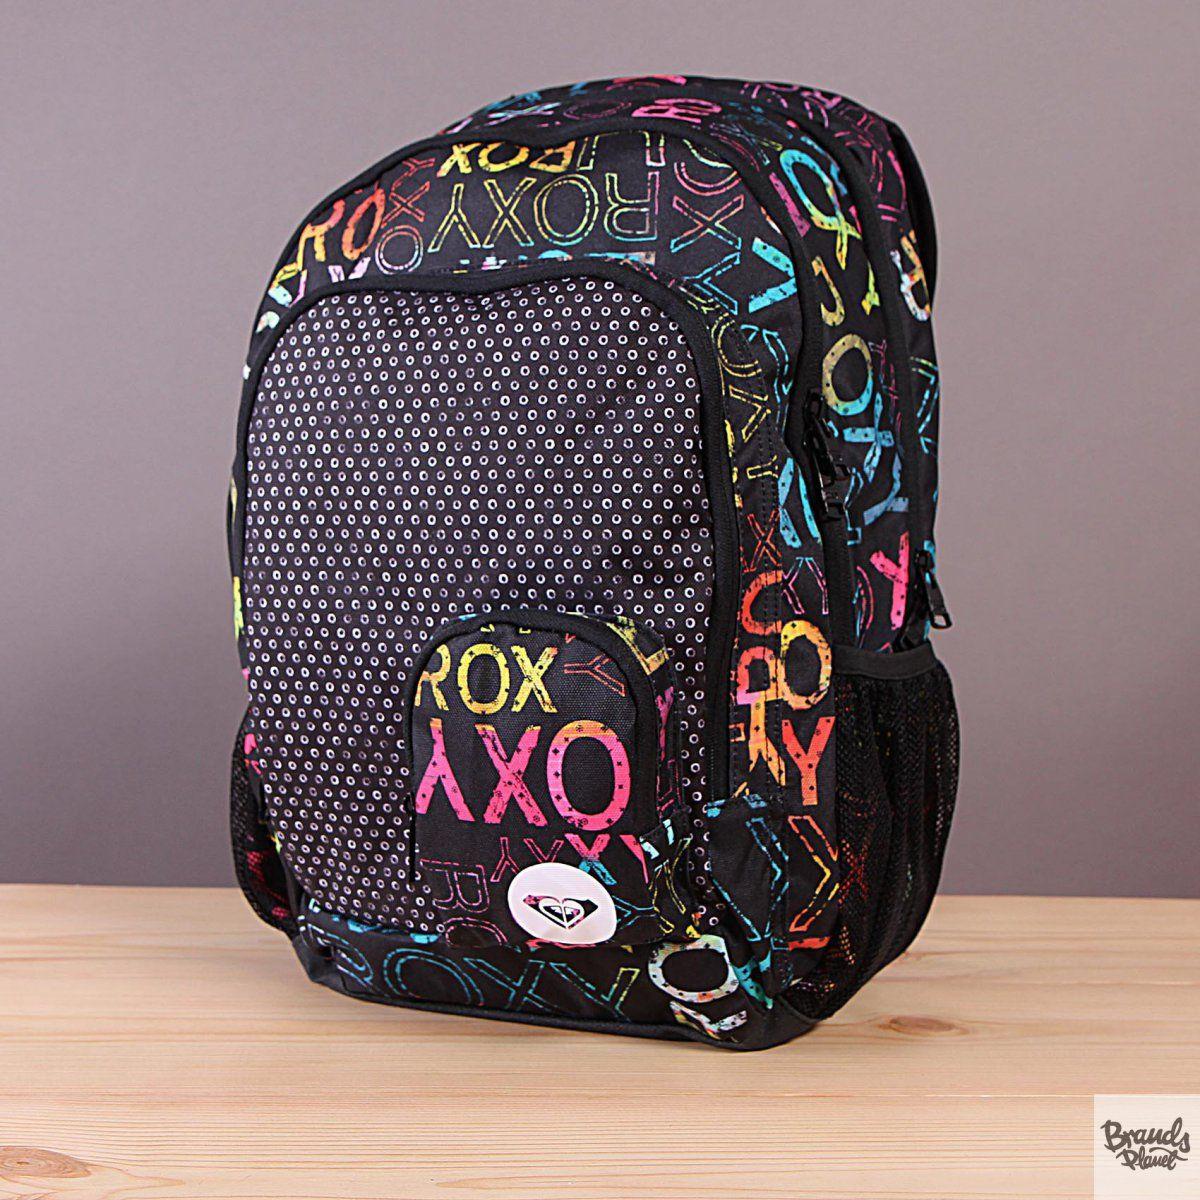 d1722f9f7bc51 Plecak szkolny z piórnikiem Roxy Charger Waterland   www.brandsplanet.pl     roxy